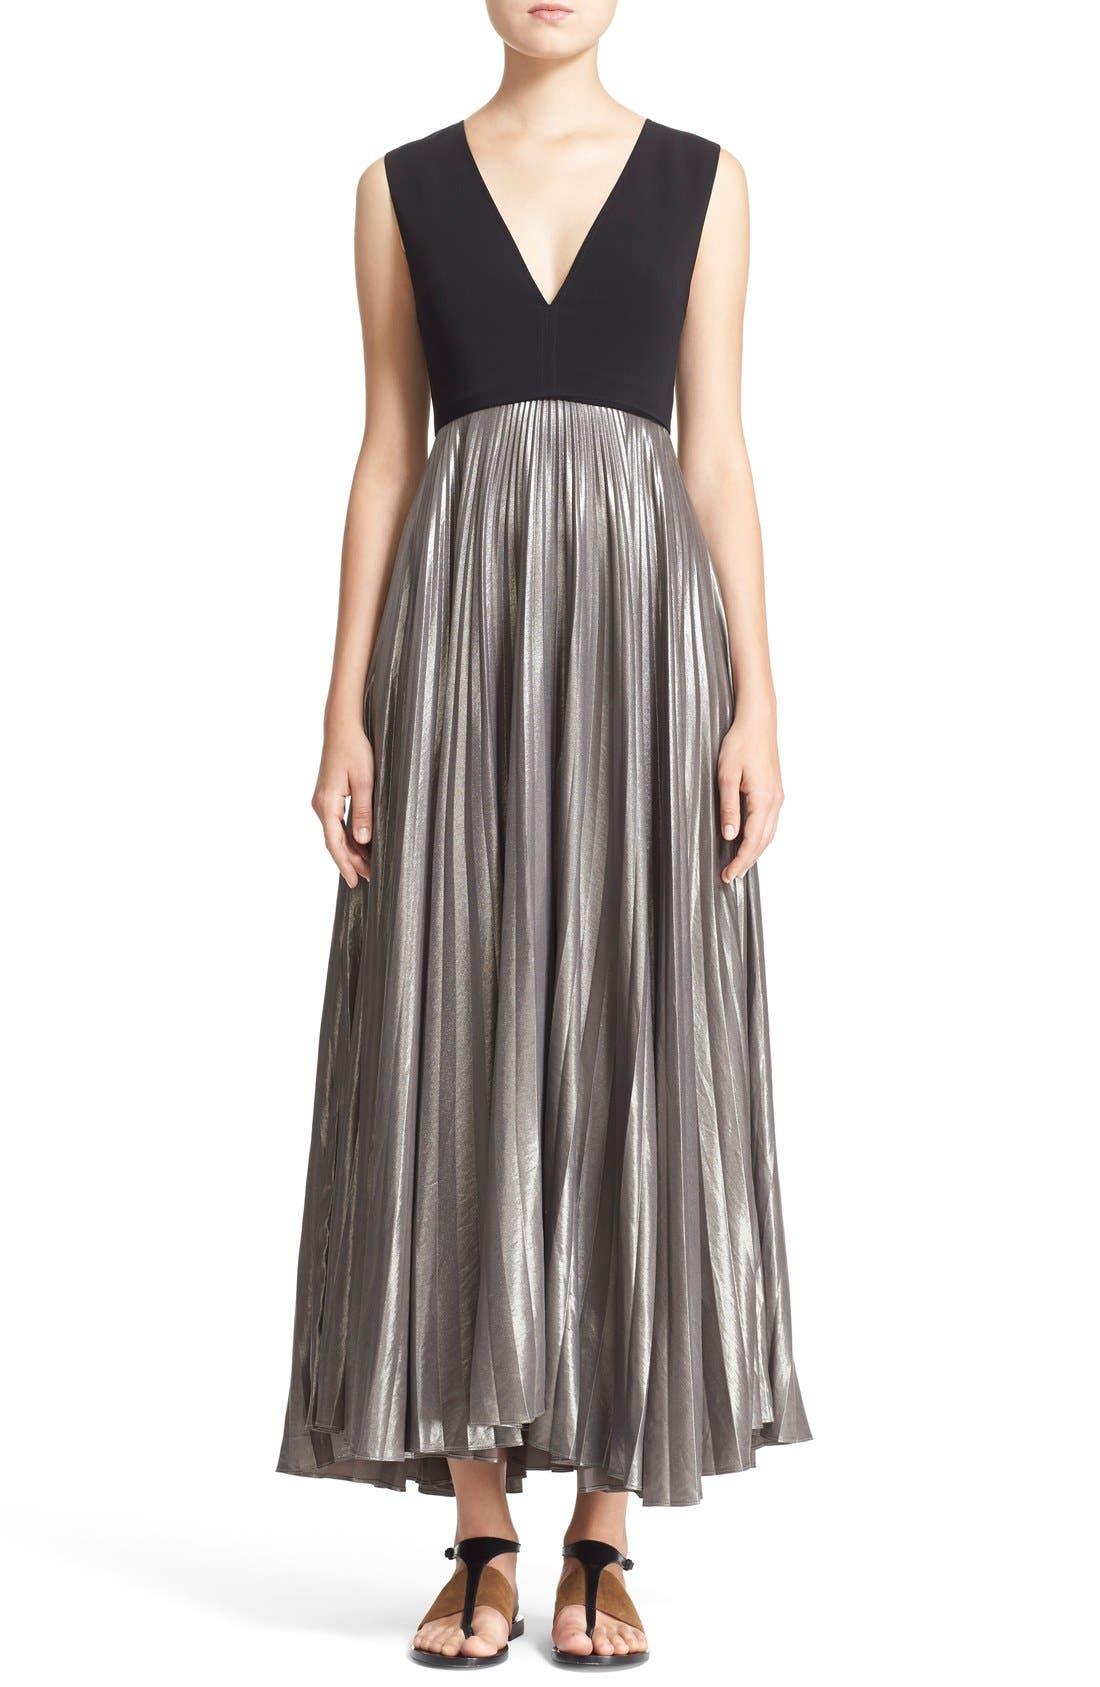 Main Image - A.L.C. 'Emilia' Pleated Midi Dress